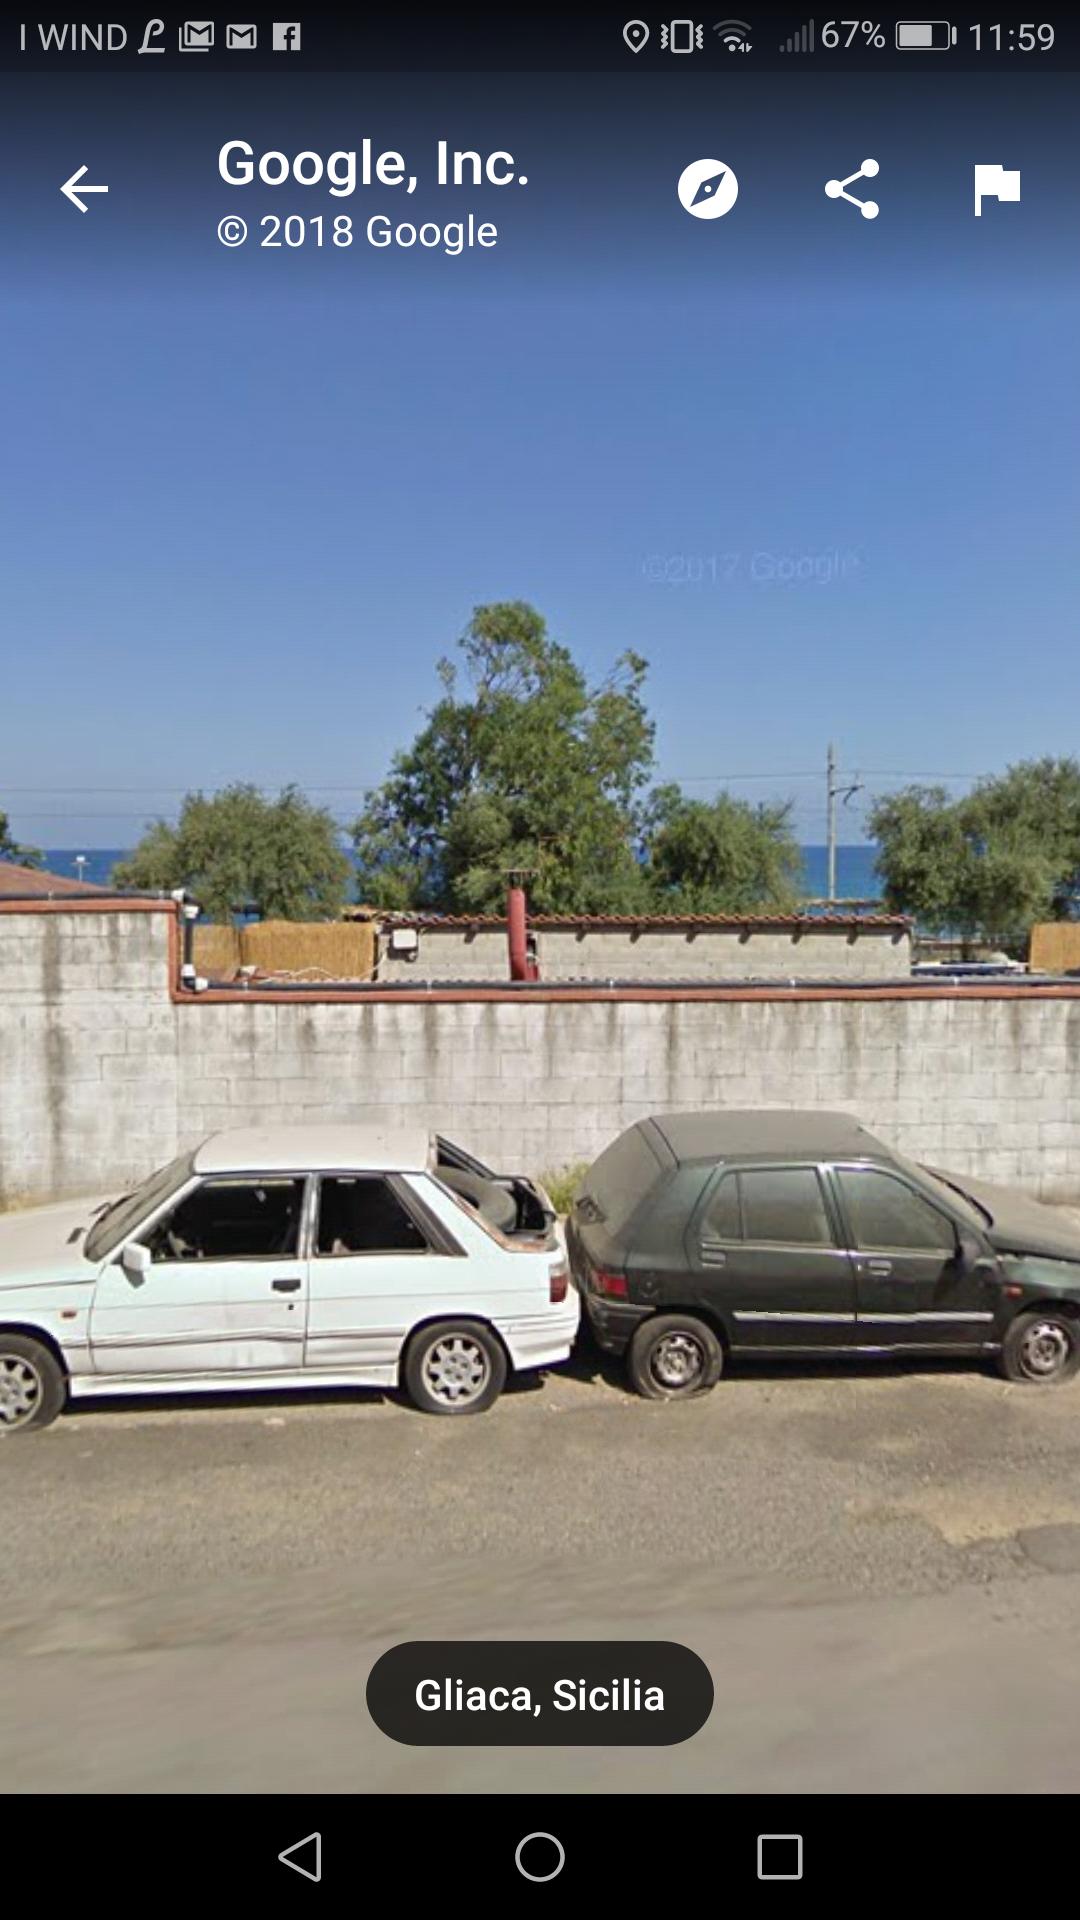 Auto  storiche da Google Maps - Pagina 10 Gliaca